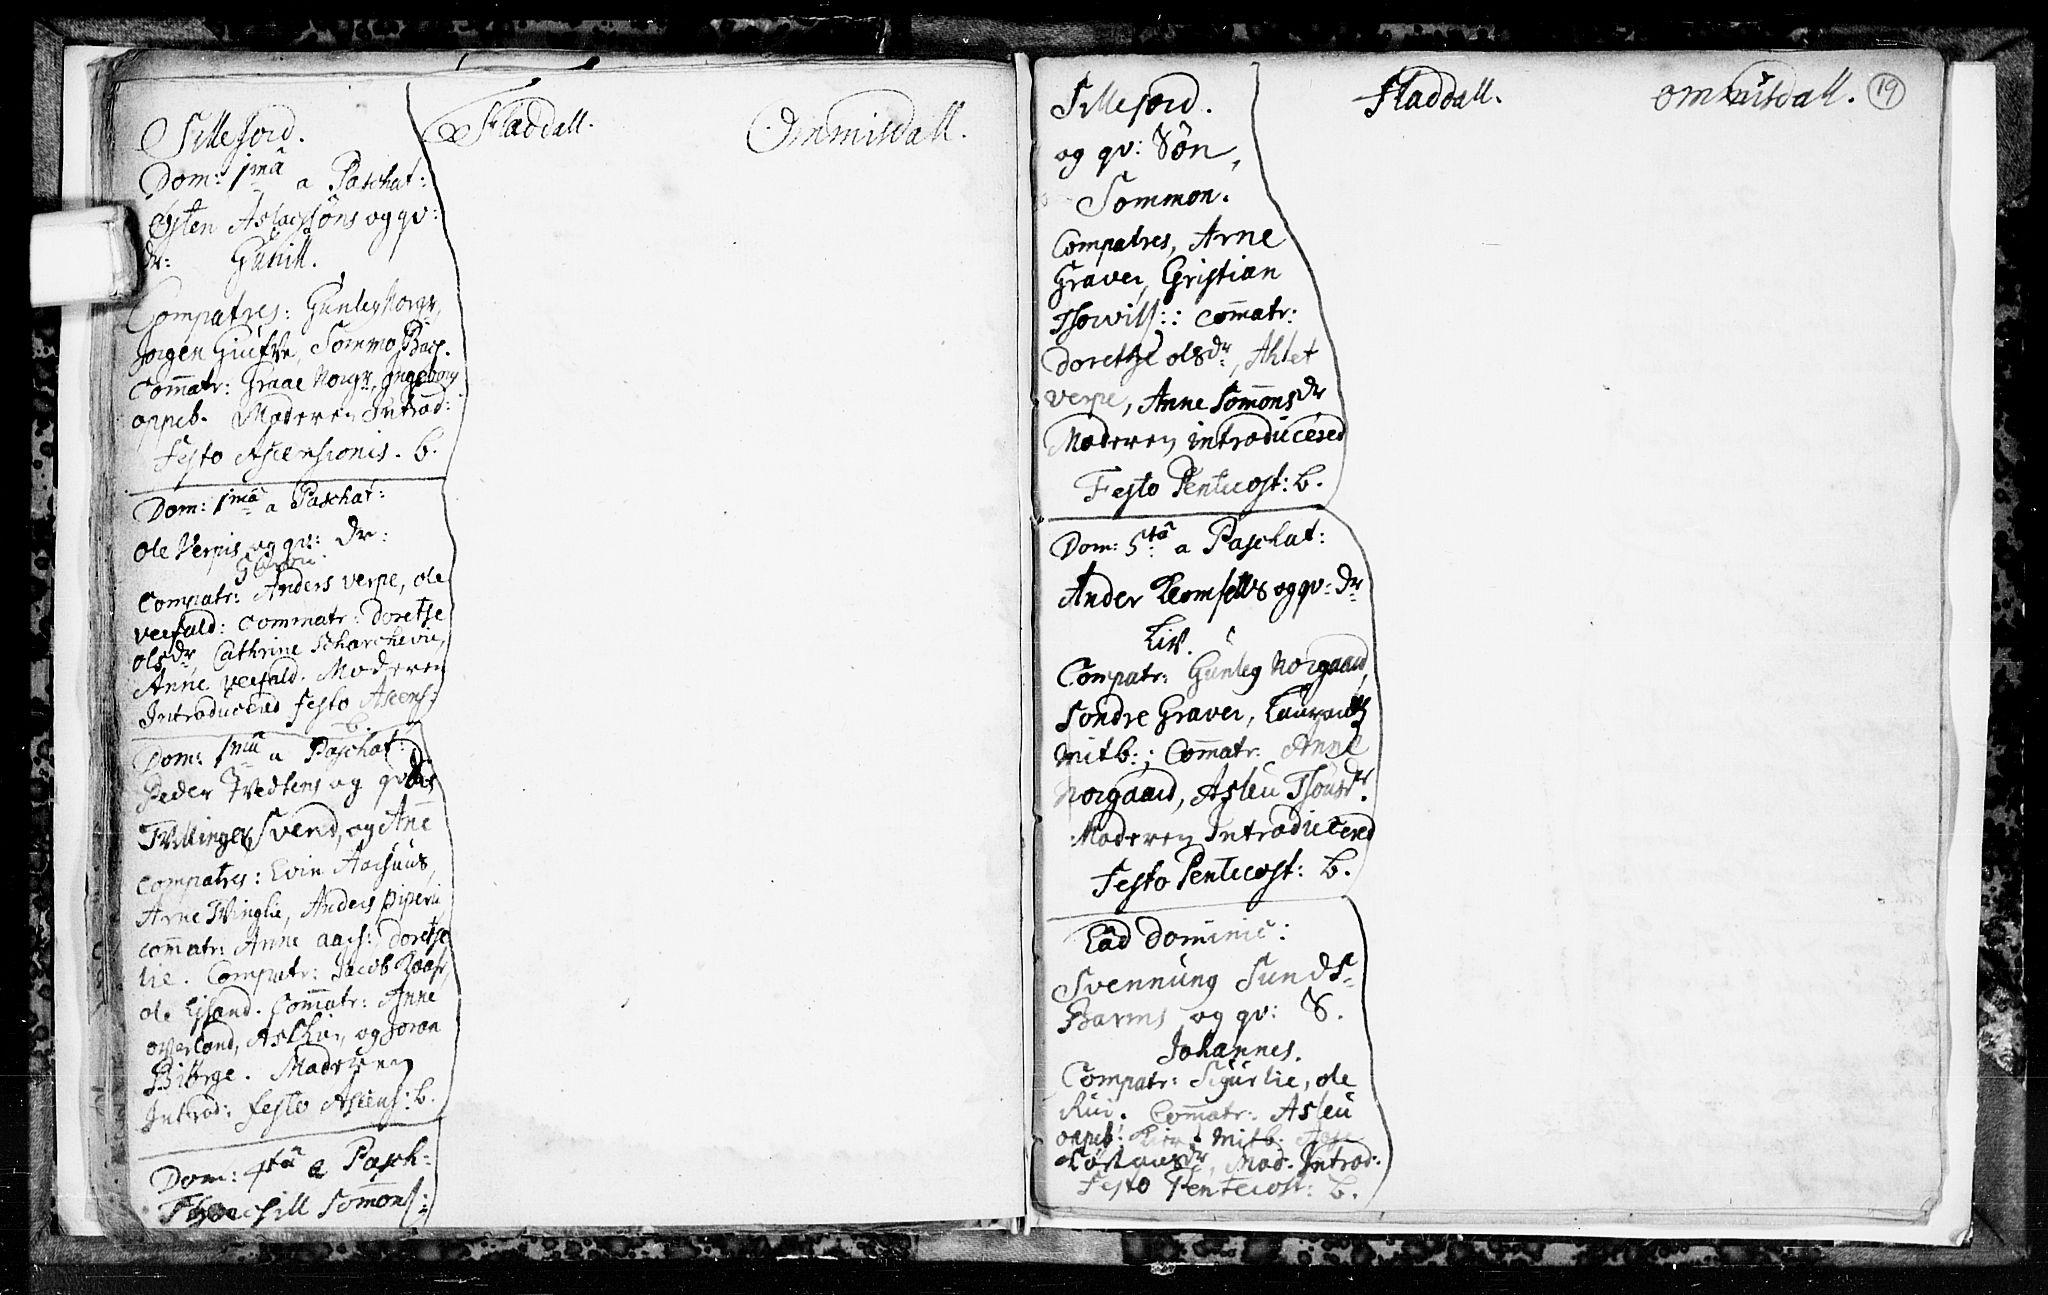 SAKO, Seljord kirkebøker, F/Fa/L0003: Ministerialbok nr. I 3, 1714-1725, s. 19